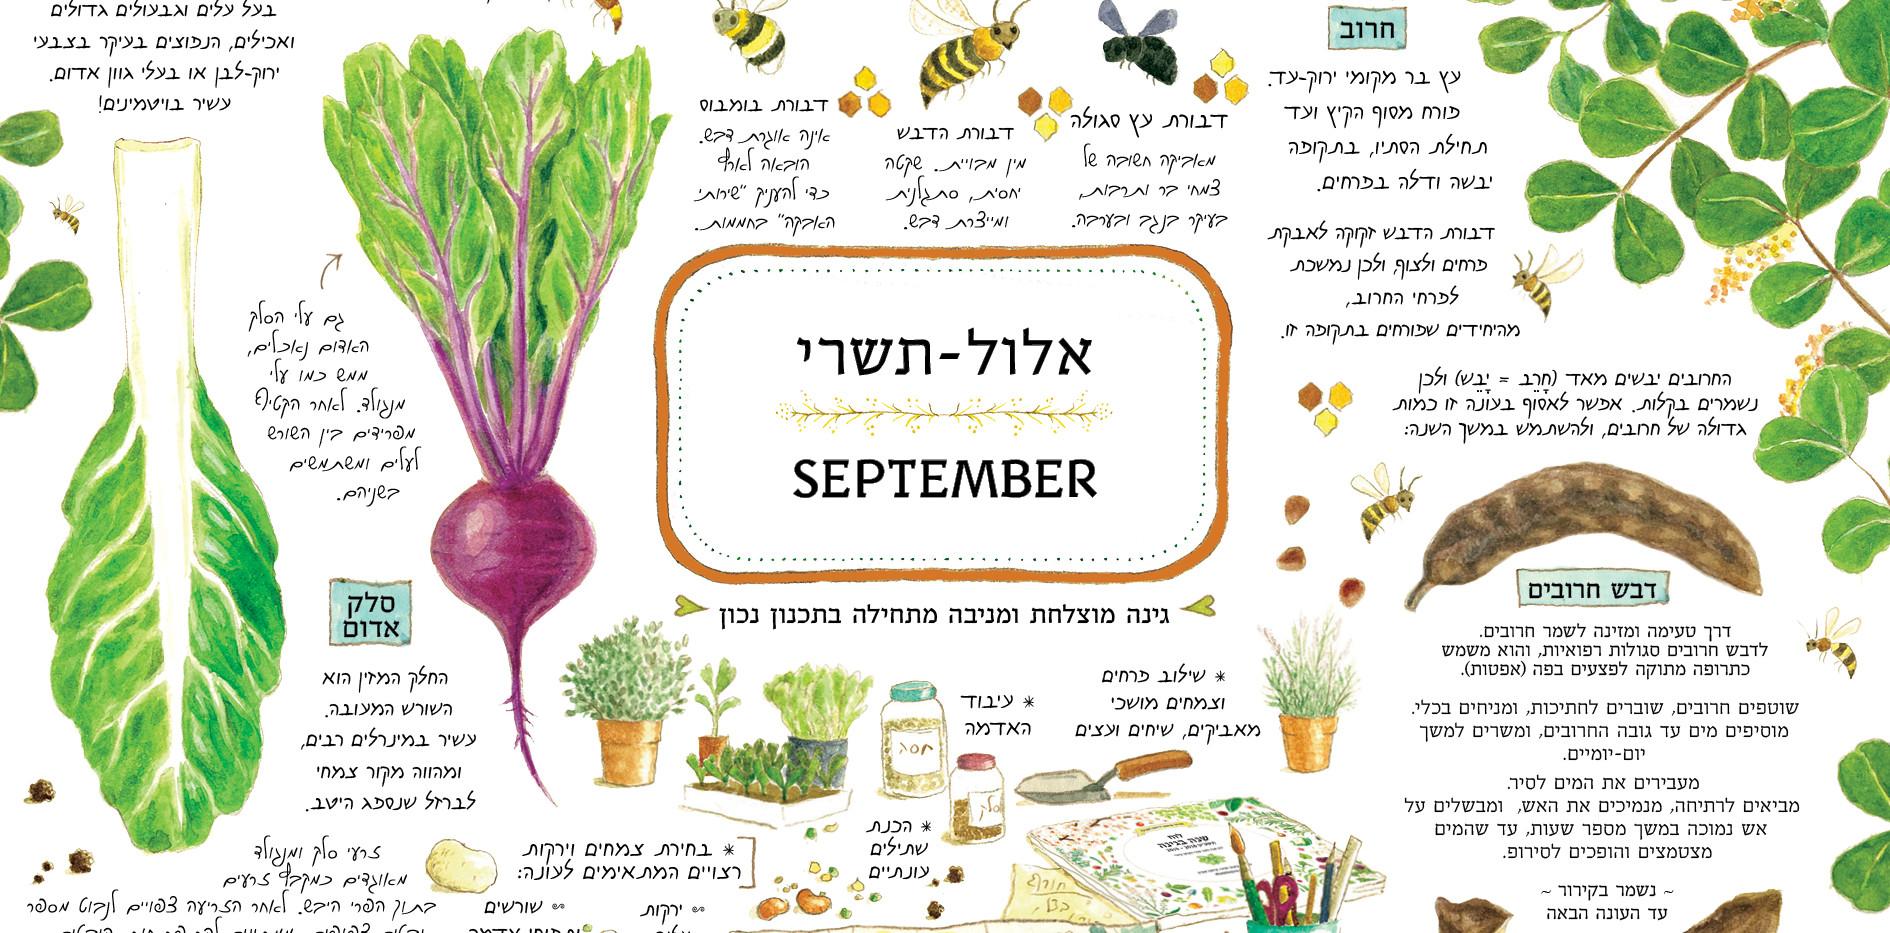 לוח-שנה-בגינה_תשעט_דףדוגמא012.jpg